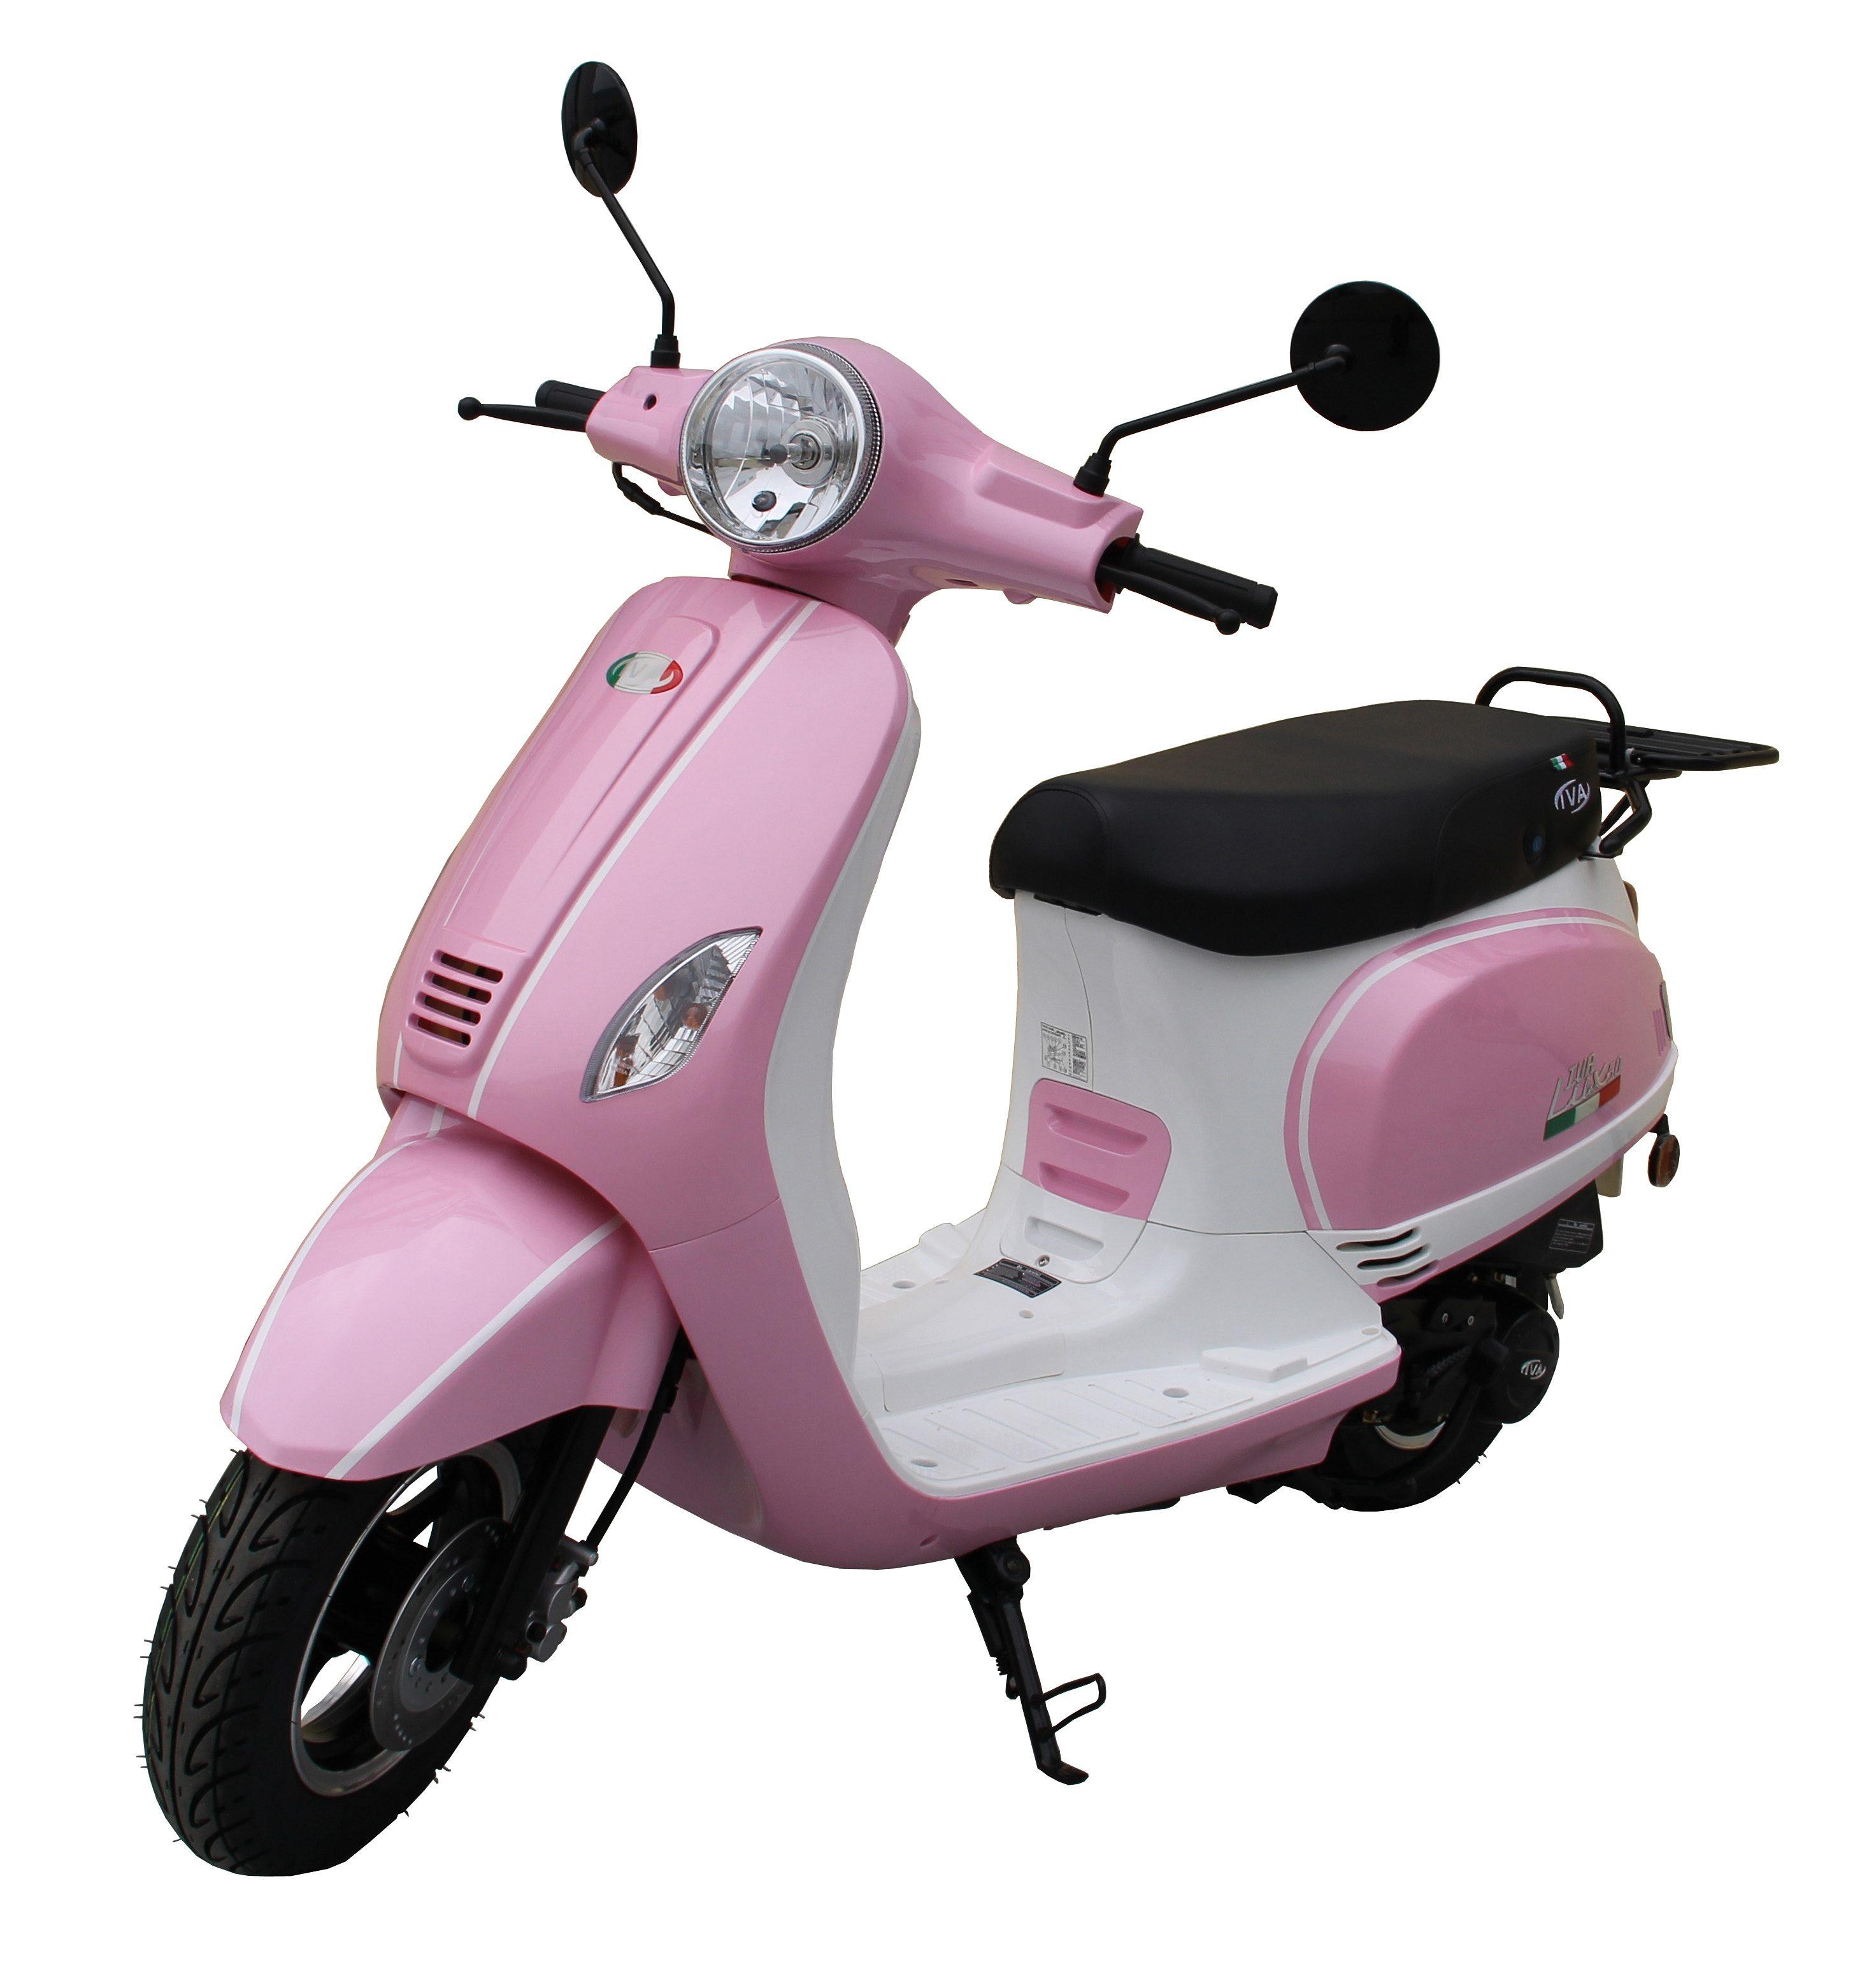 Motorroller »LUX 50«, 50 ccm 45 km/h, für 2 Personen, rosa/weiß